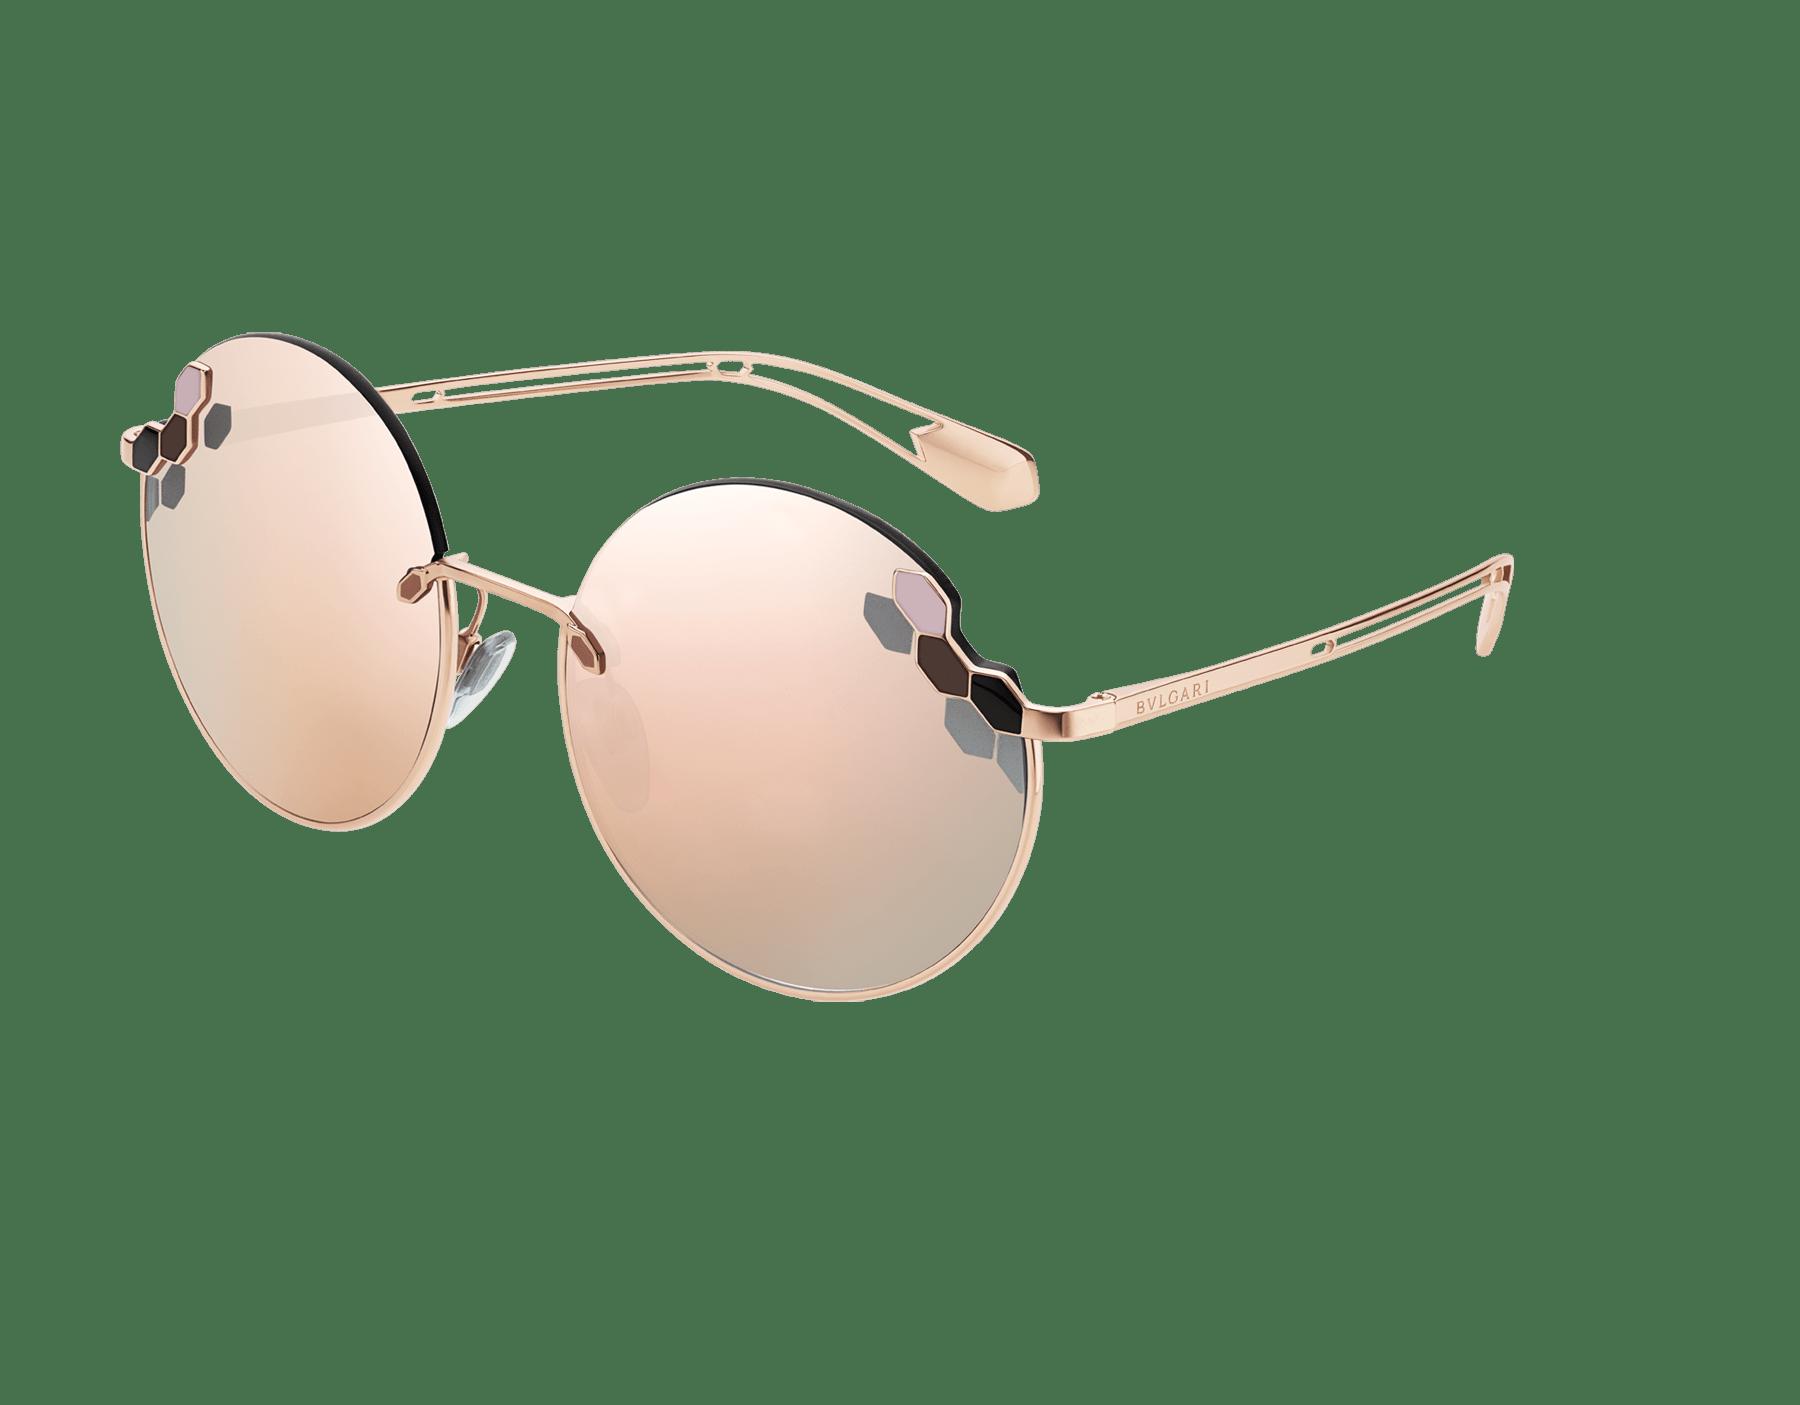 Bvlgari Serpenti Poisaround oversized round sunglasses. 903808 image 1